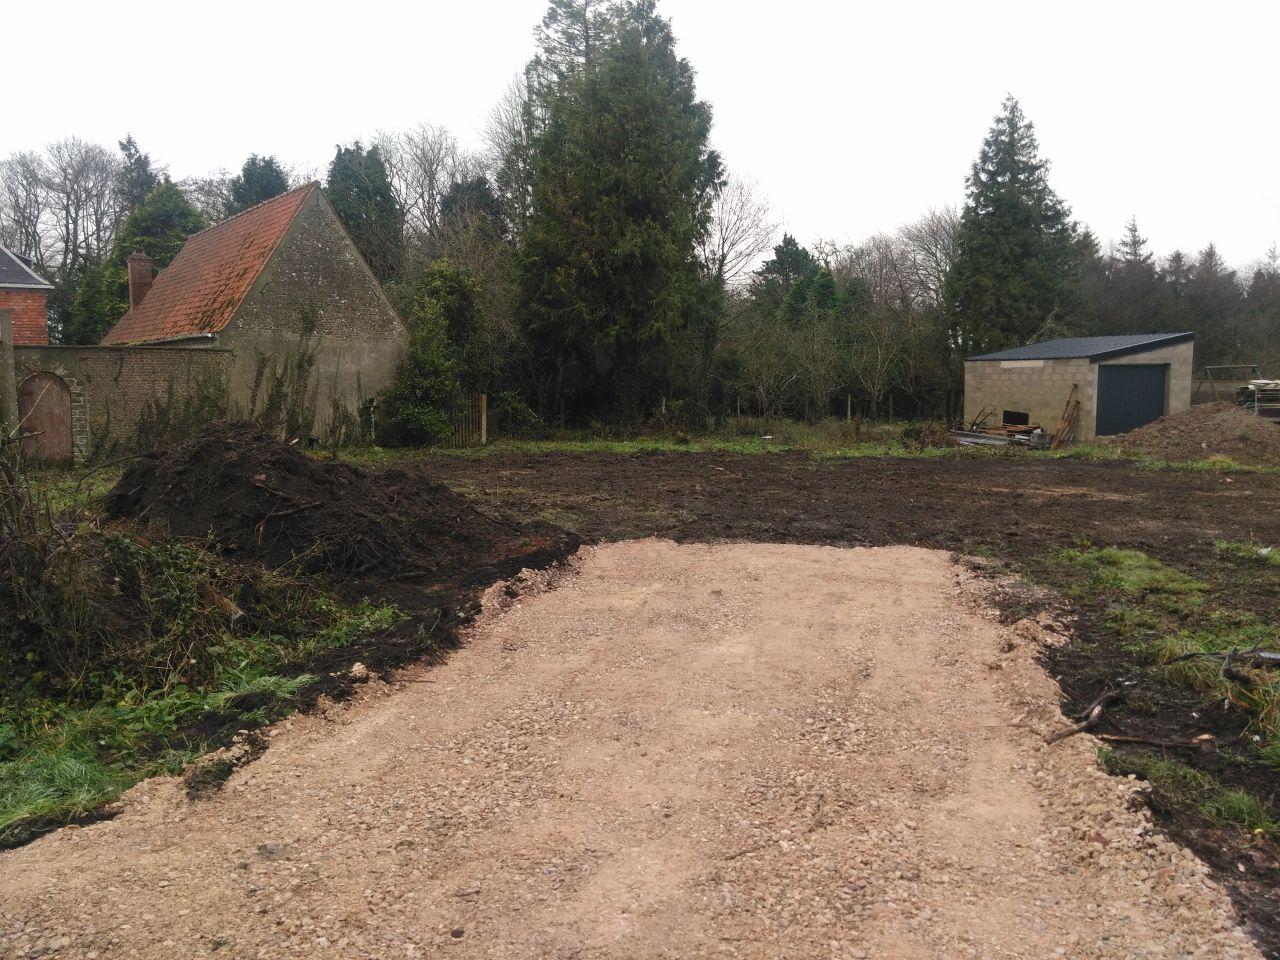 Accès chantier réalisé et dessouchage des arbres